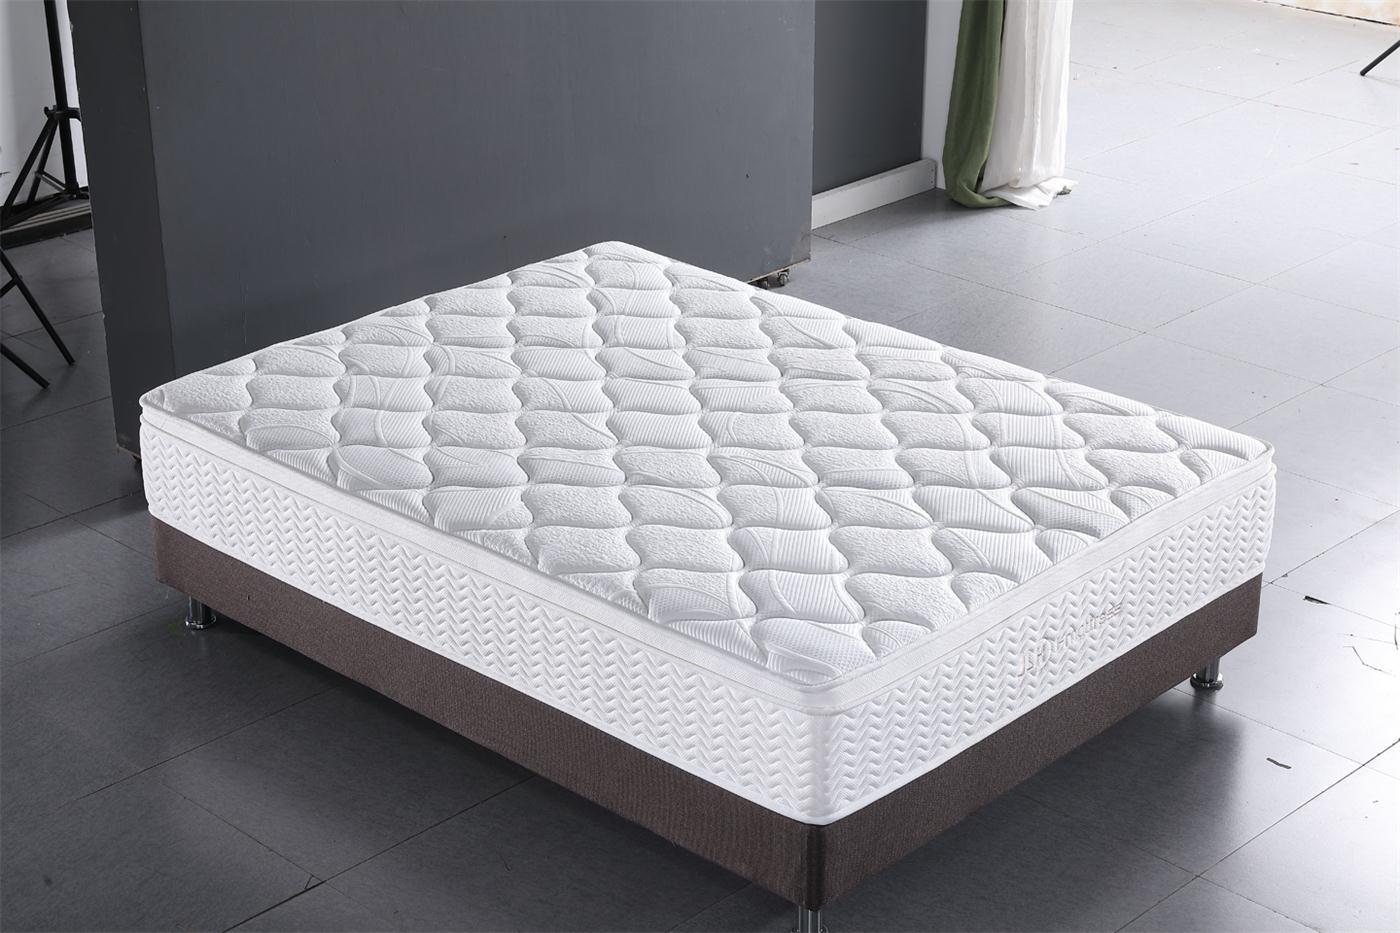 JLH-hotel bed mattress ,hotel collection mattress | JLH